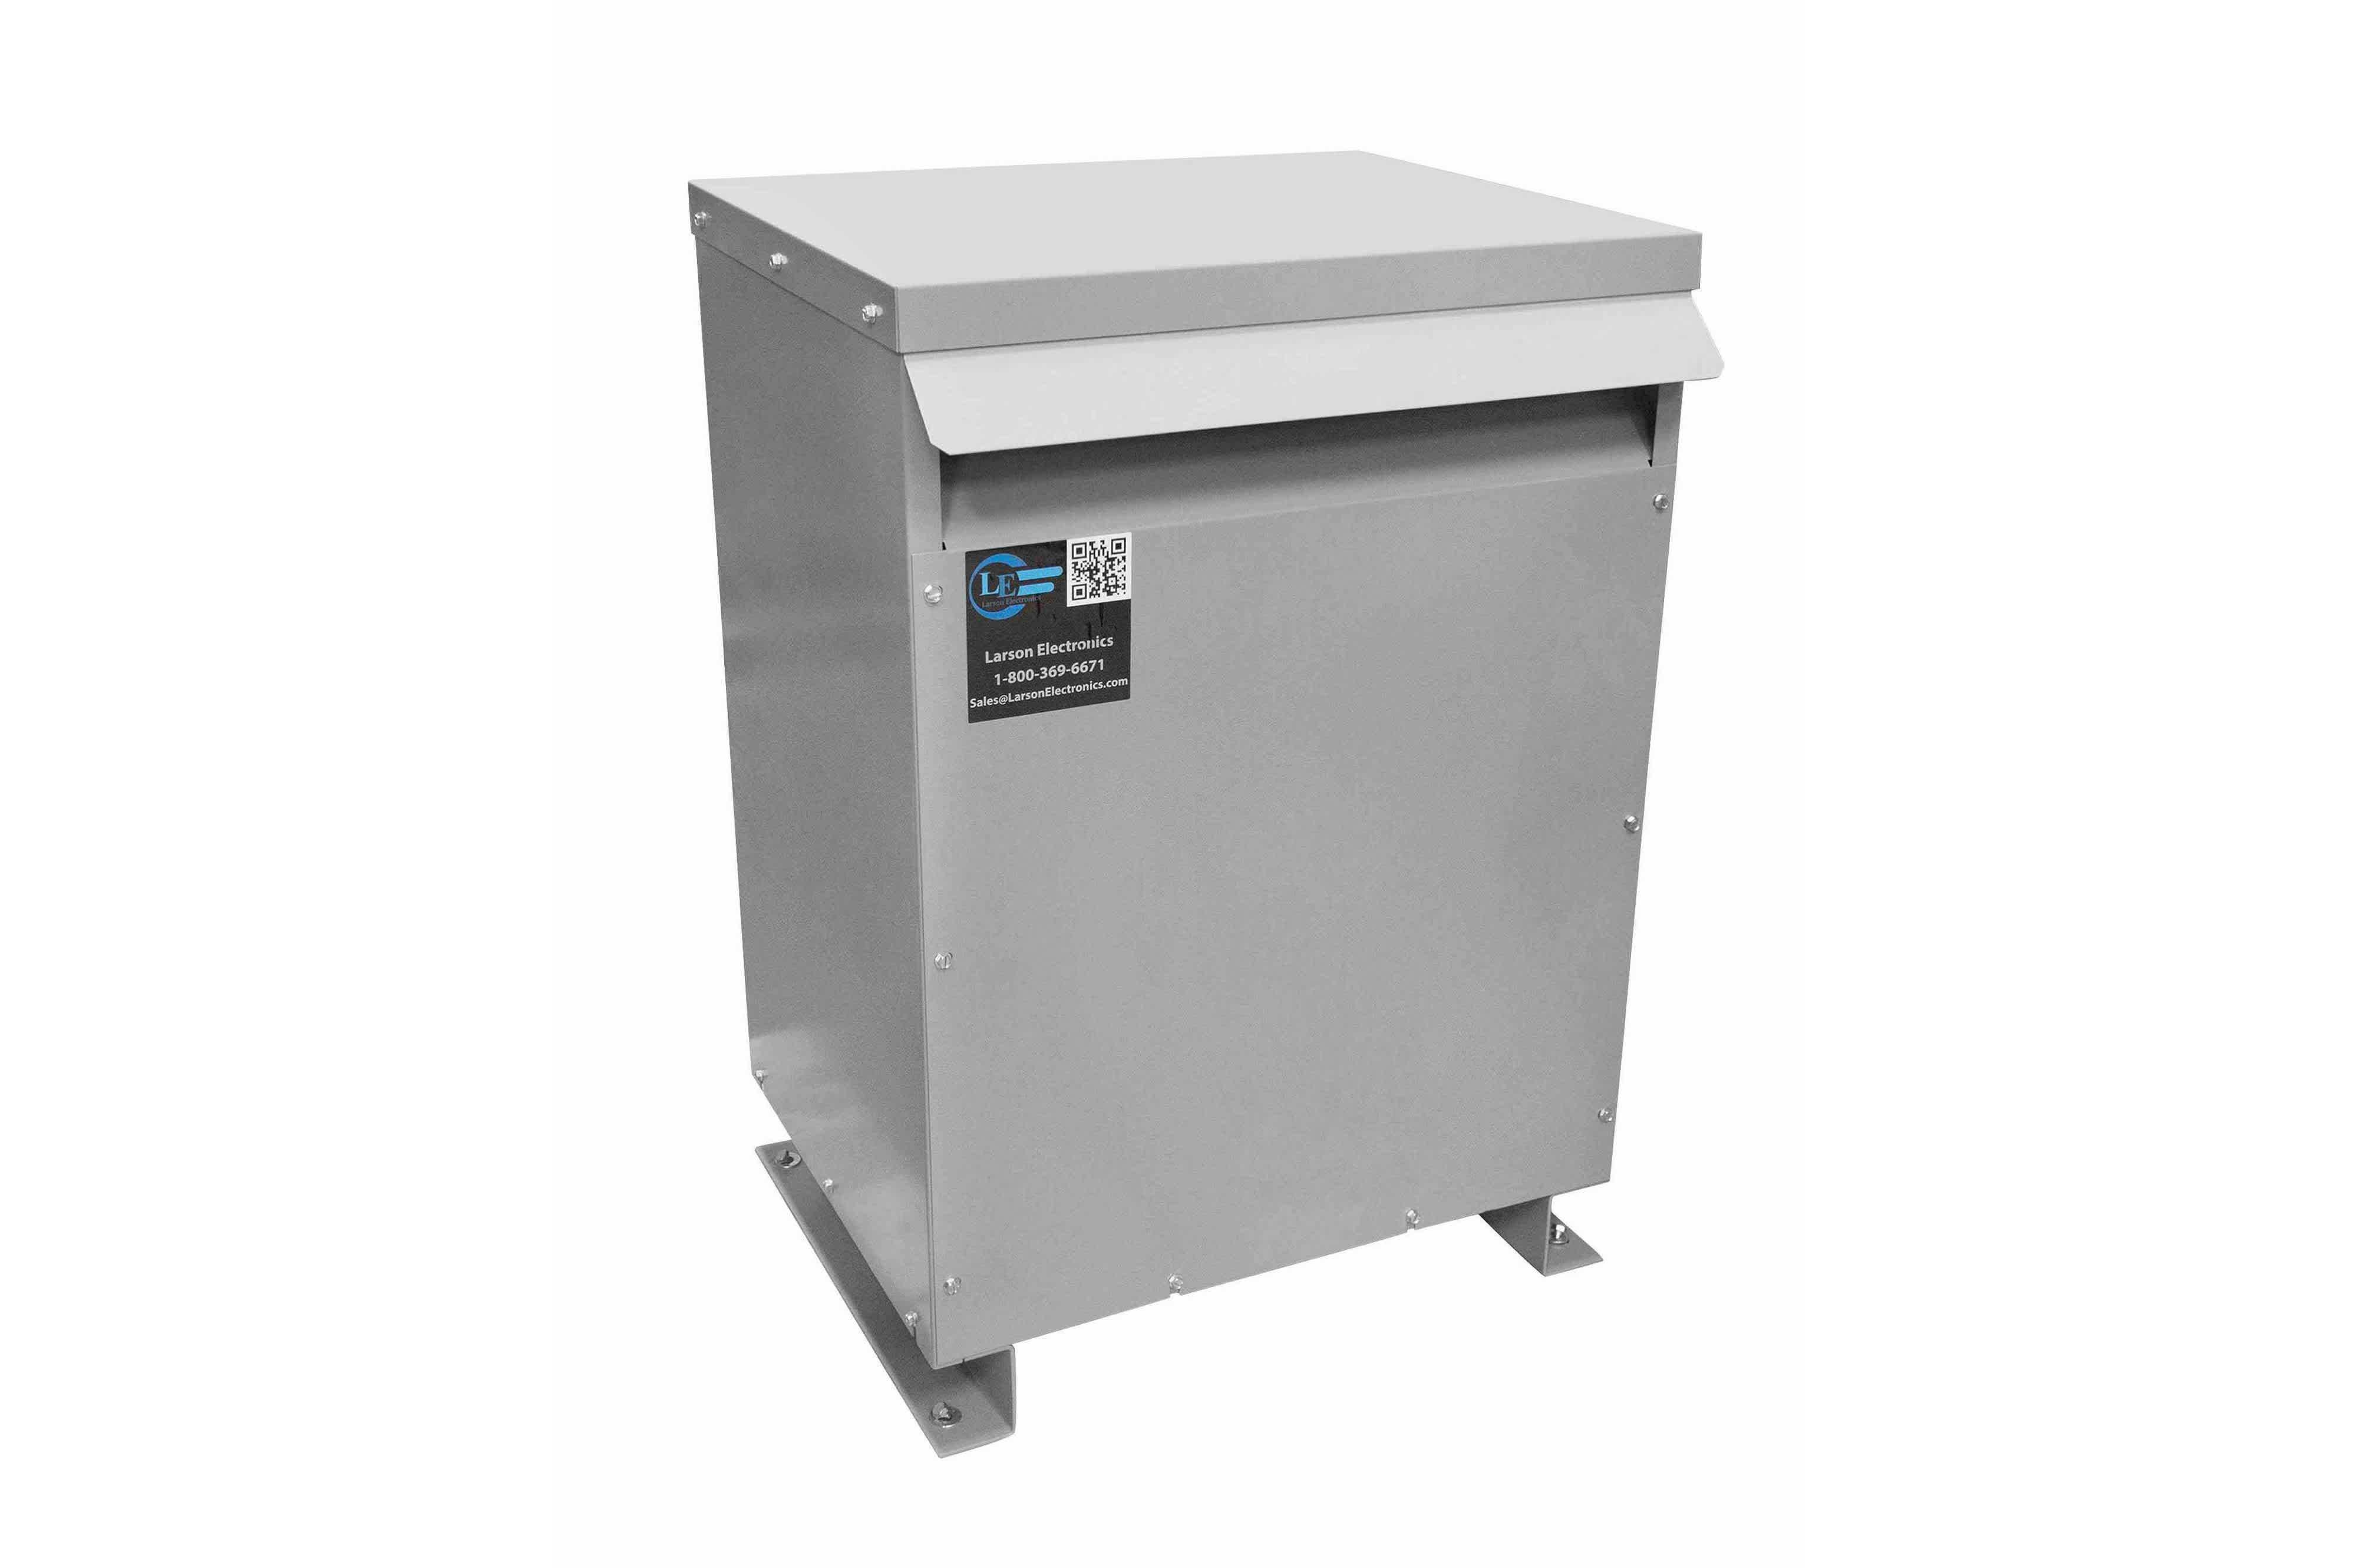 32.5 kVA 3PH Isolation Transformer, 220V Delta Primary, 208V Delta Secondary, N3R, Ventilated, 60 Hz